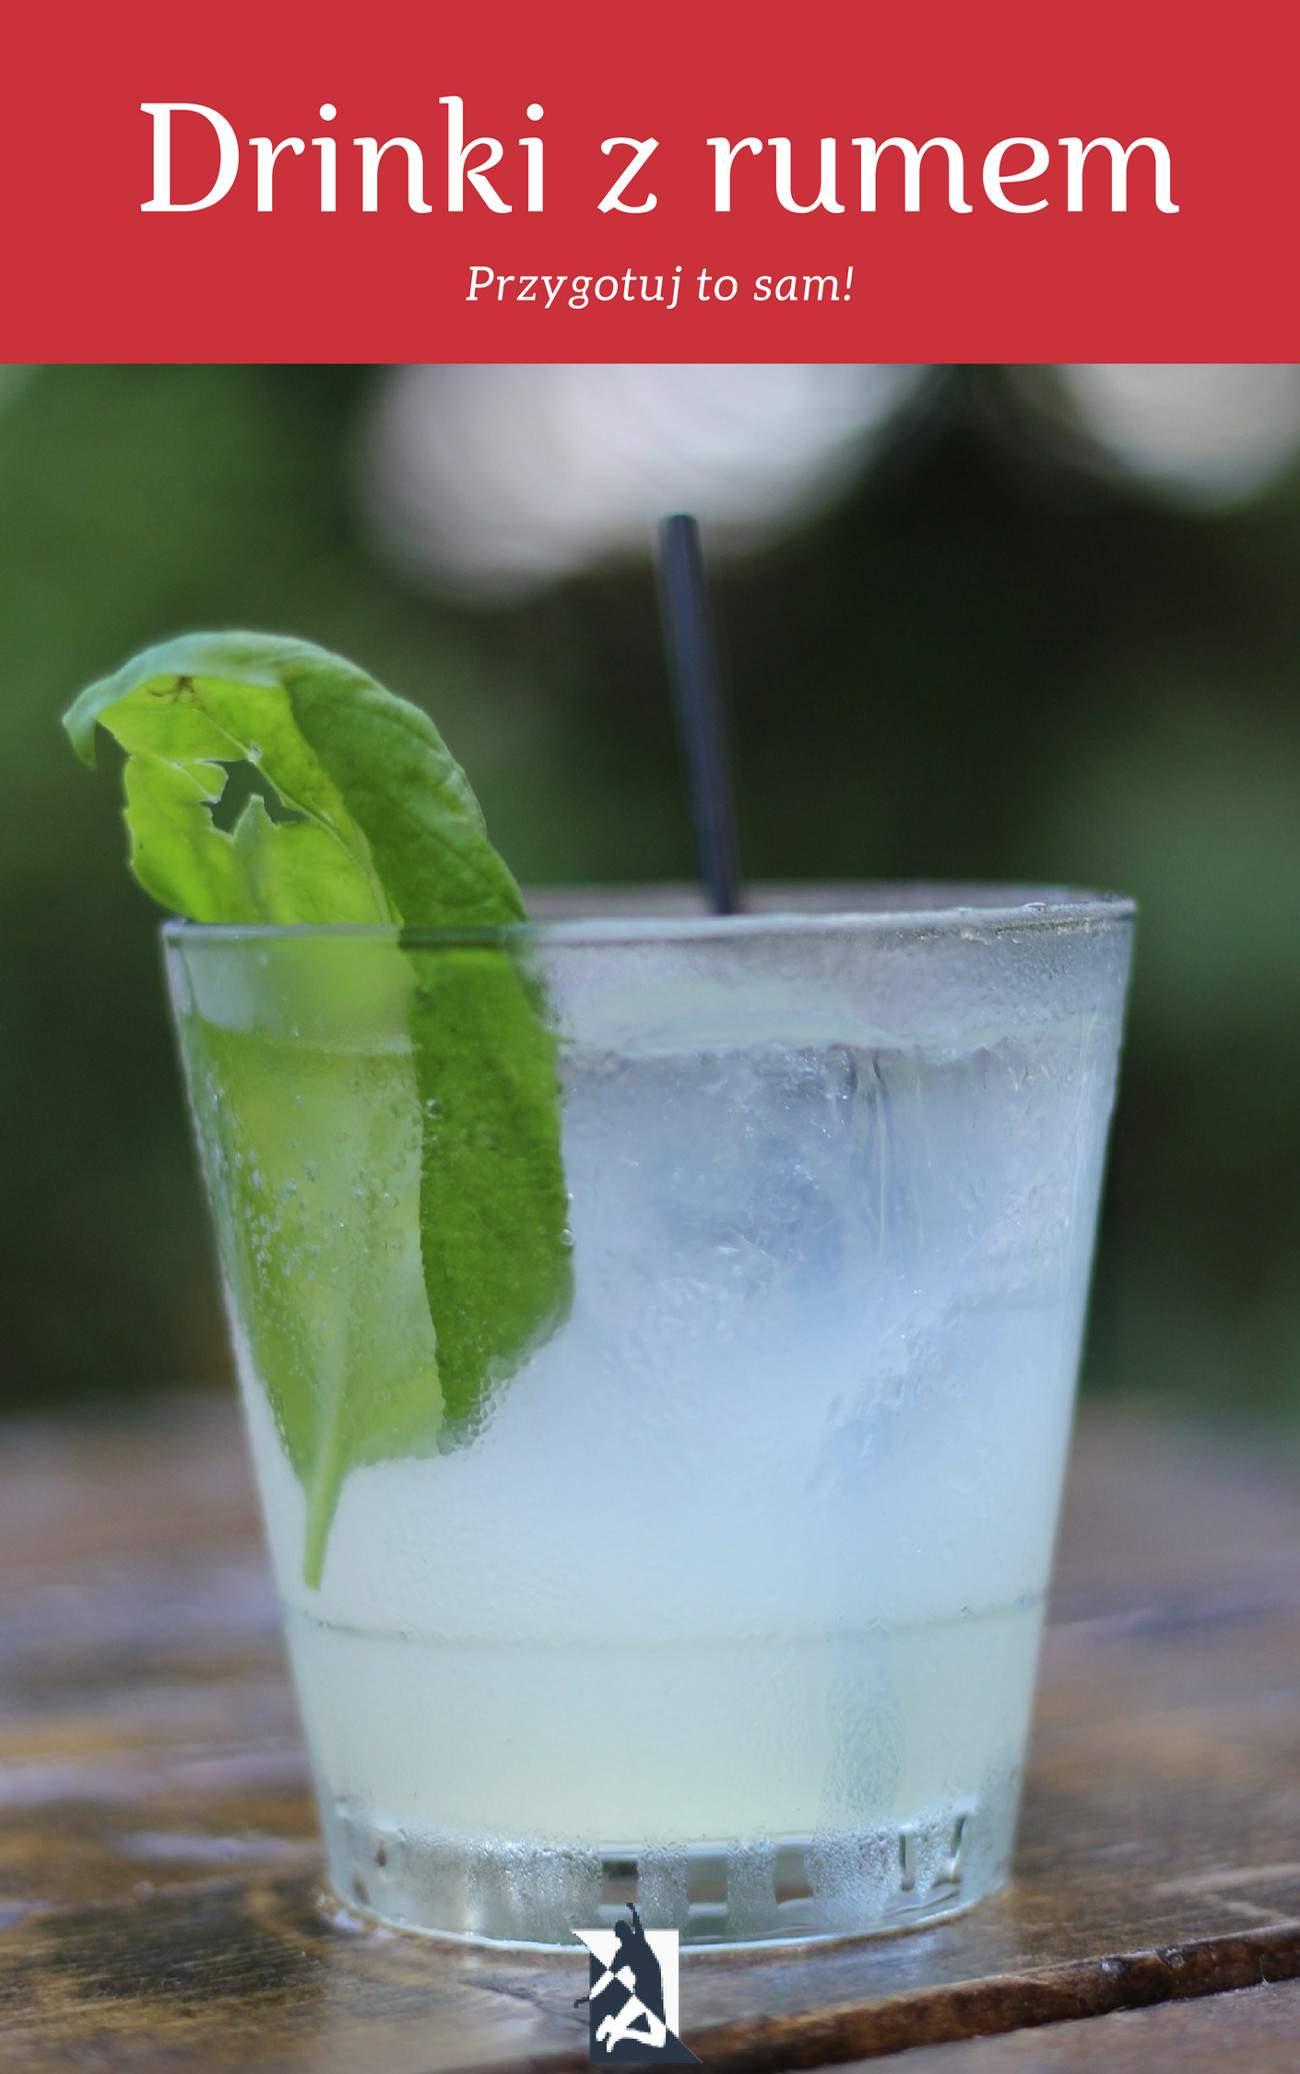 Drinki z rumem. Przygotuj to sam! - Ebook (Książka na Kindle) do pobrania w formacie MOBI